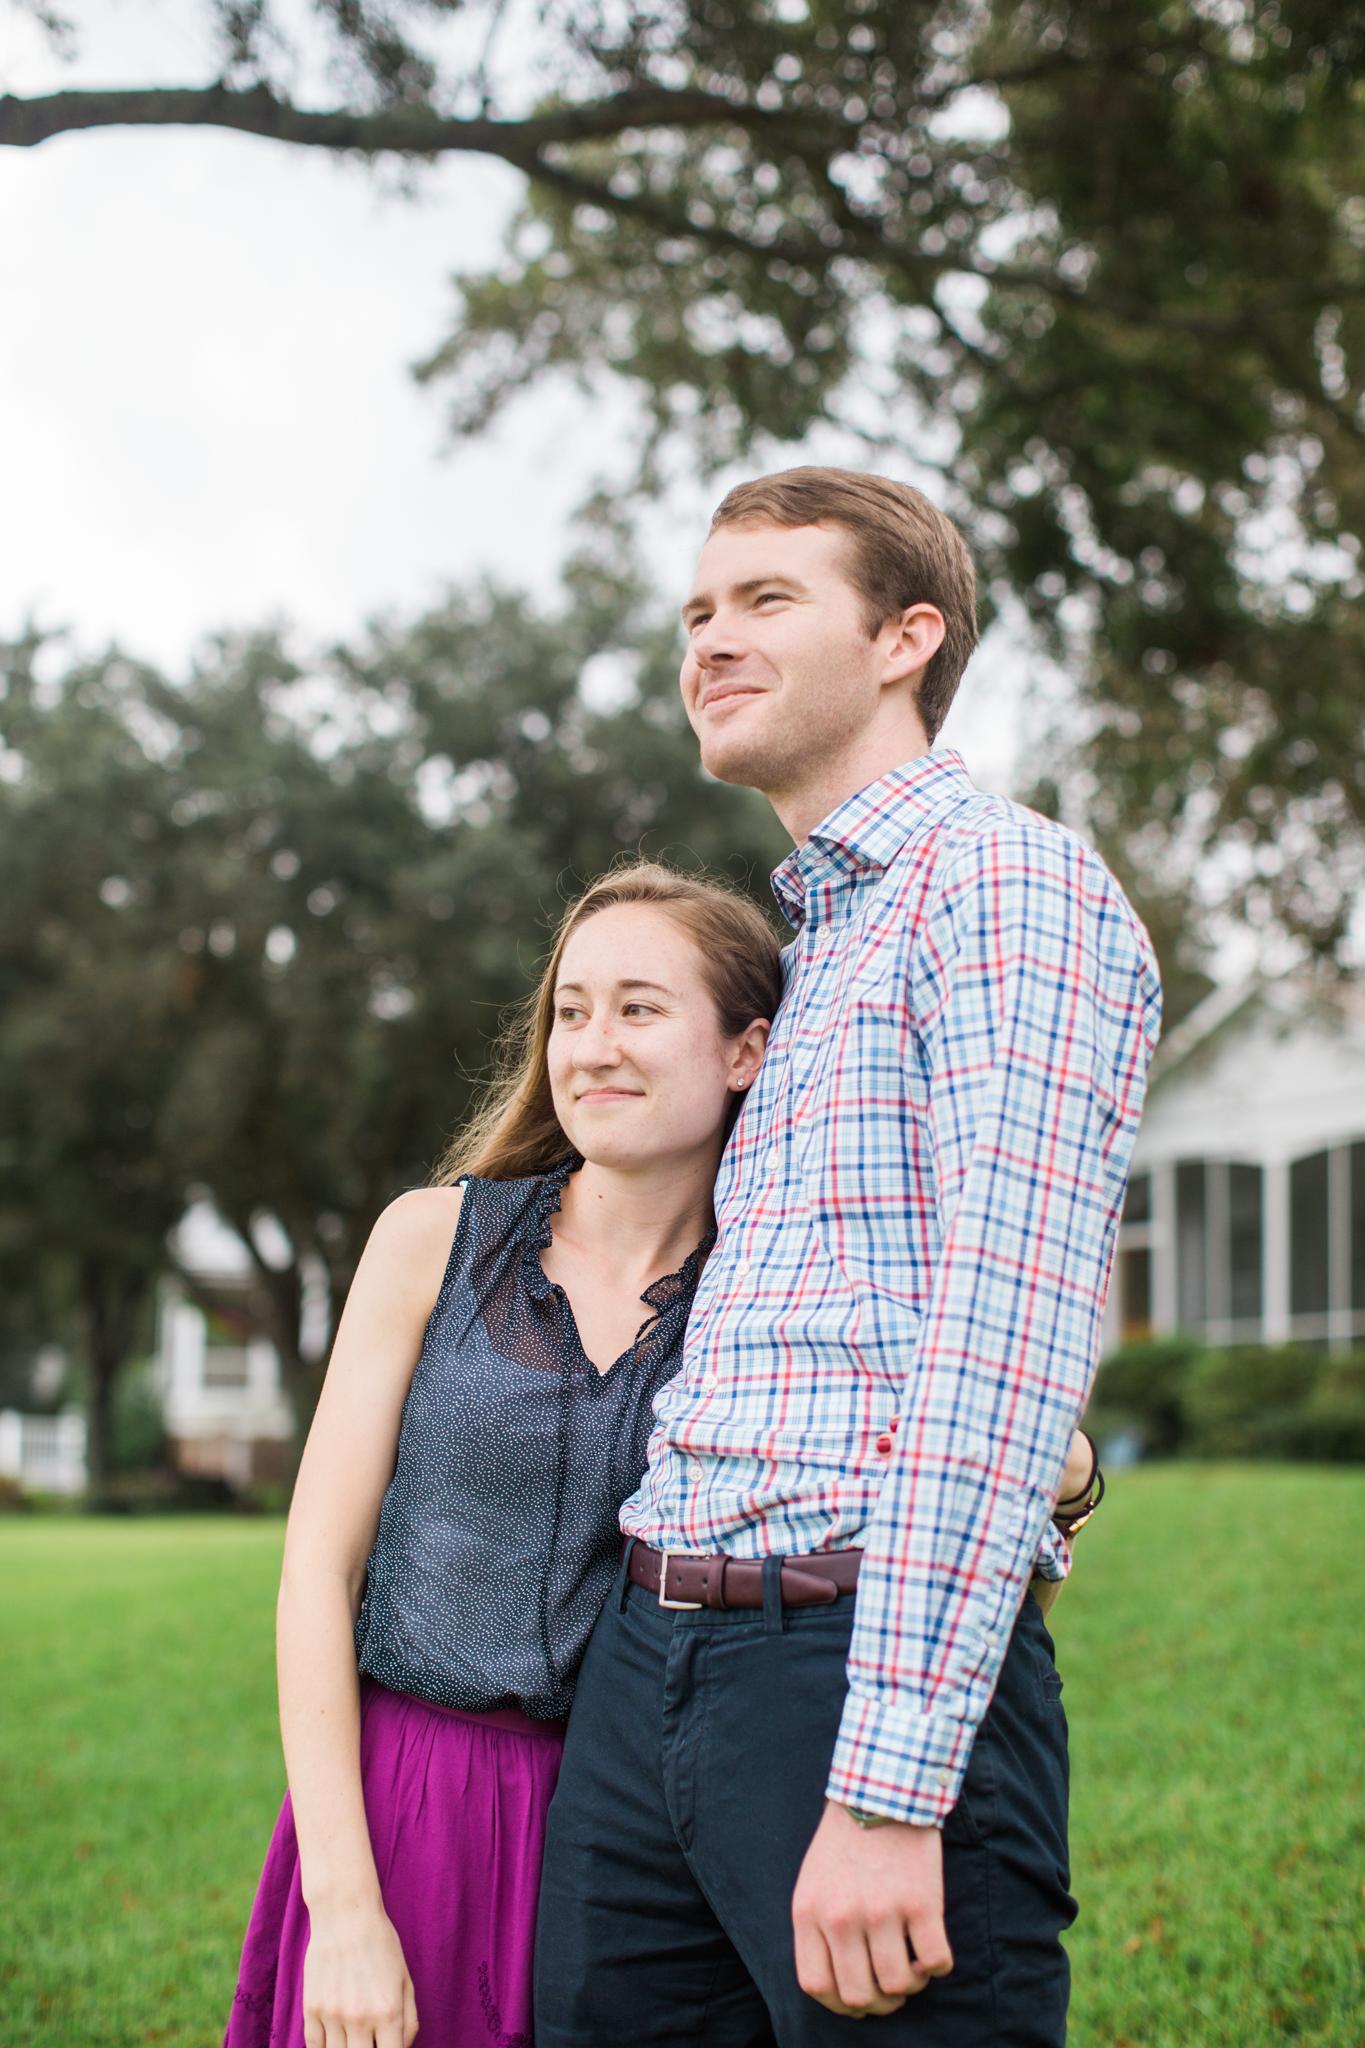 Greg-Allison-Charleston-Wedding-Photographer-Christina-Pugh-40.jpg